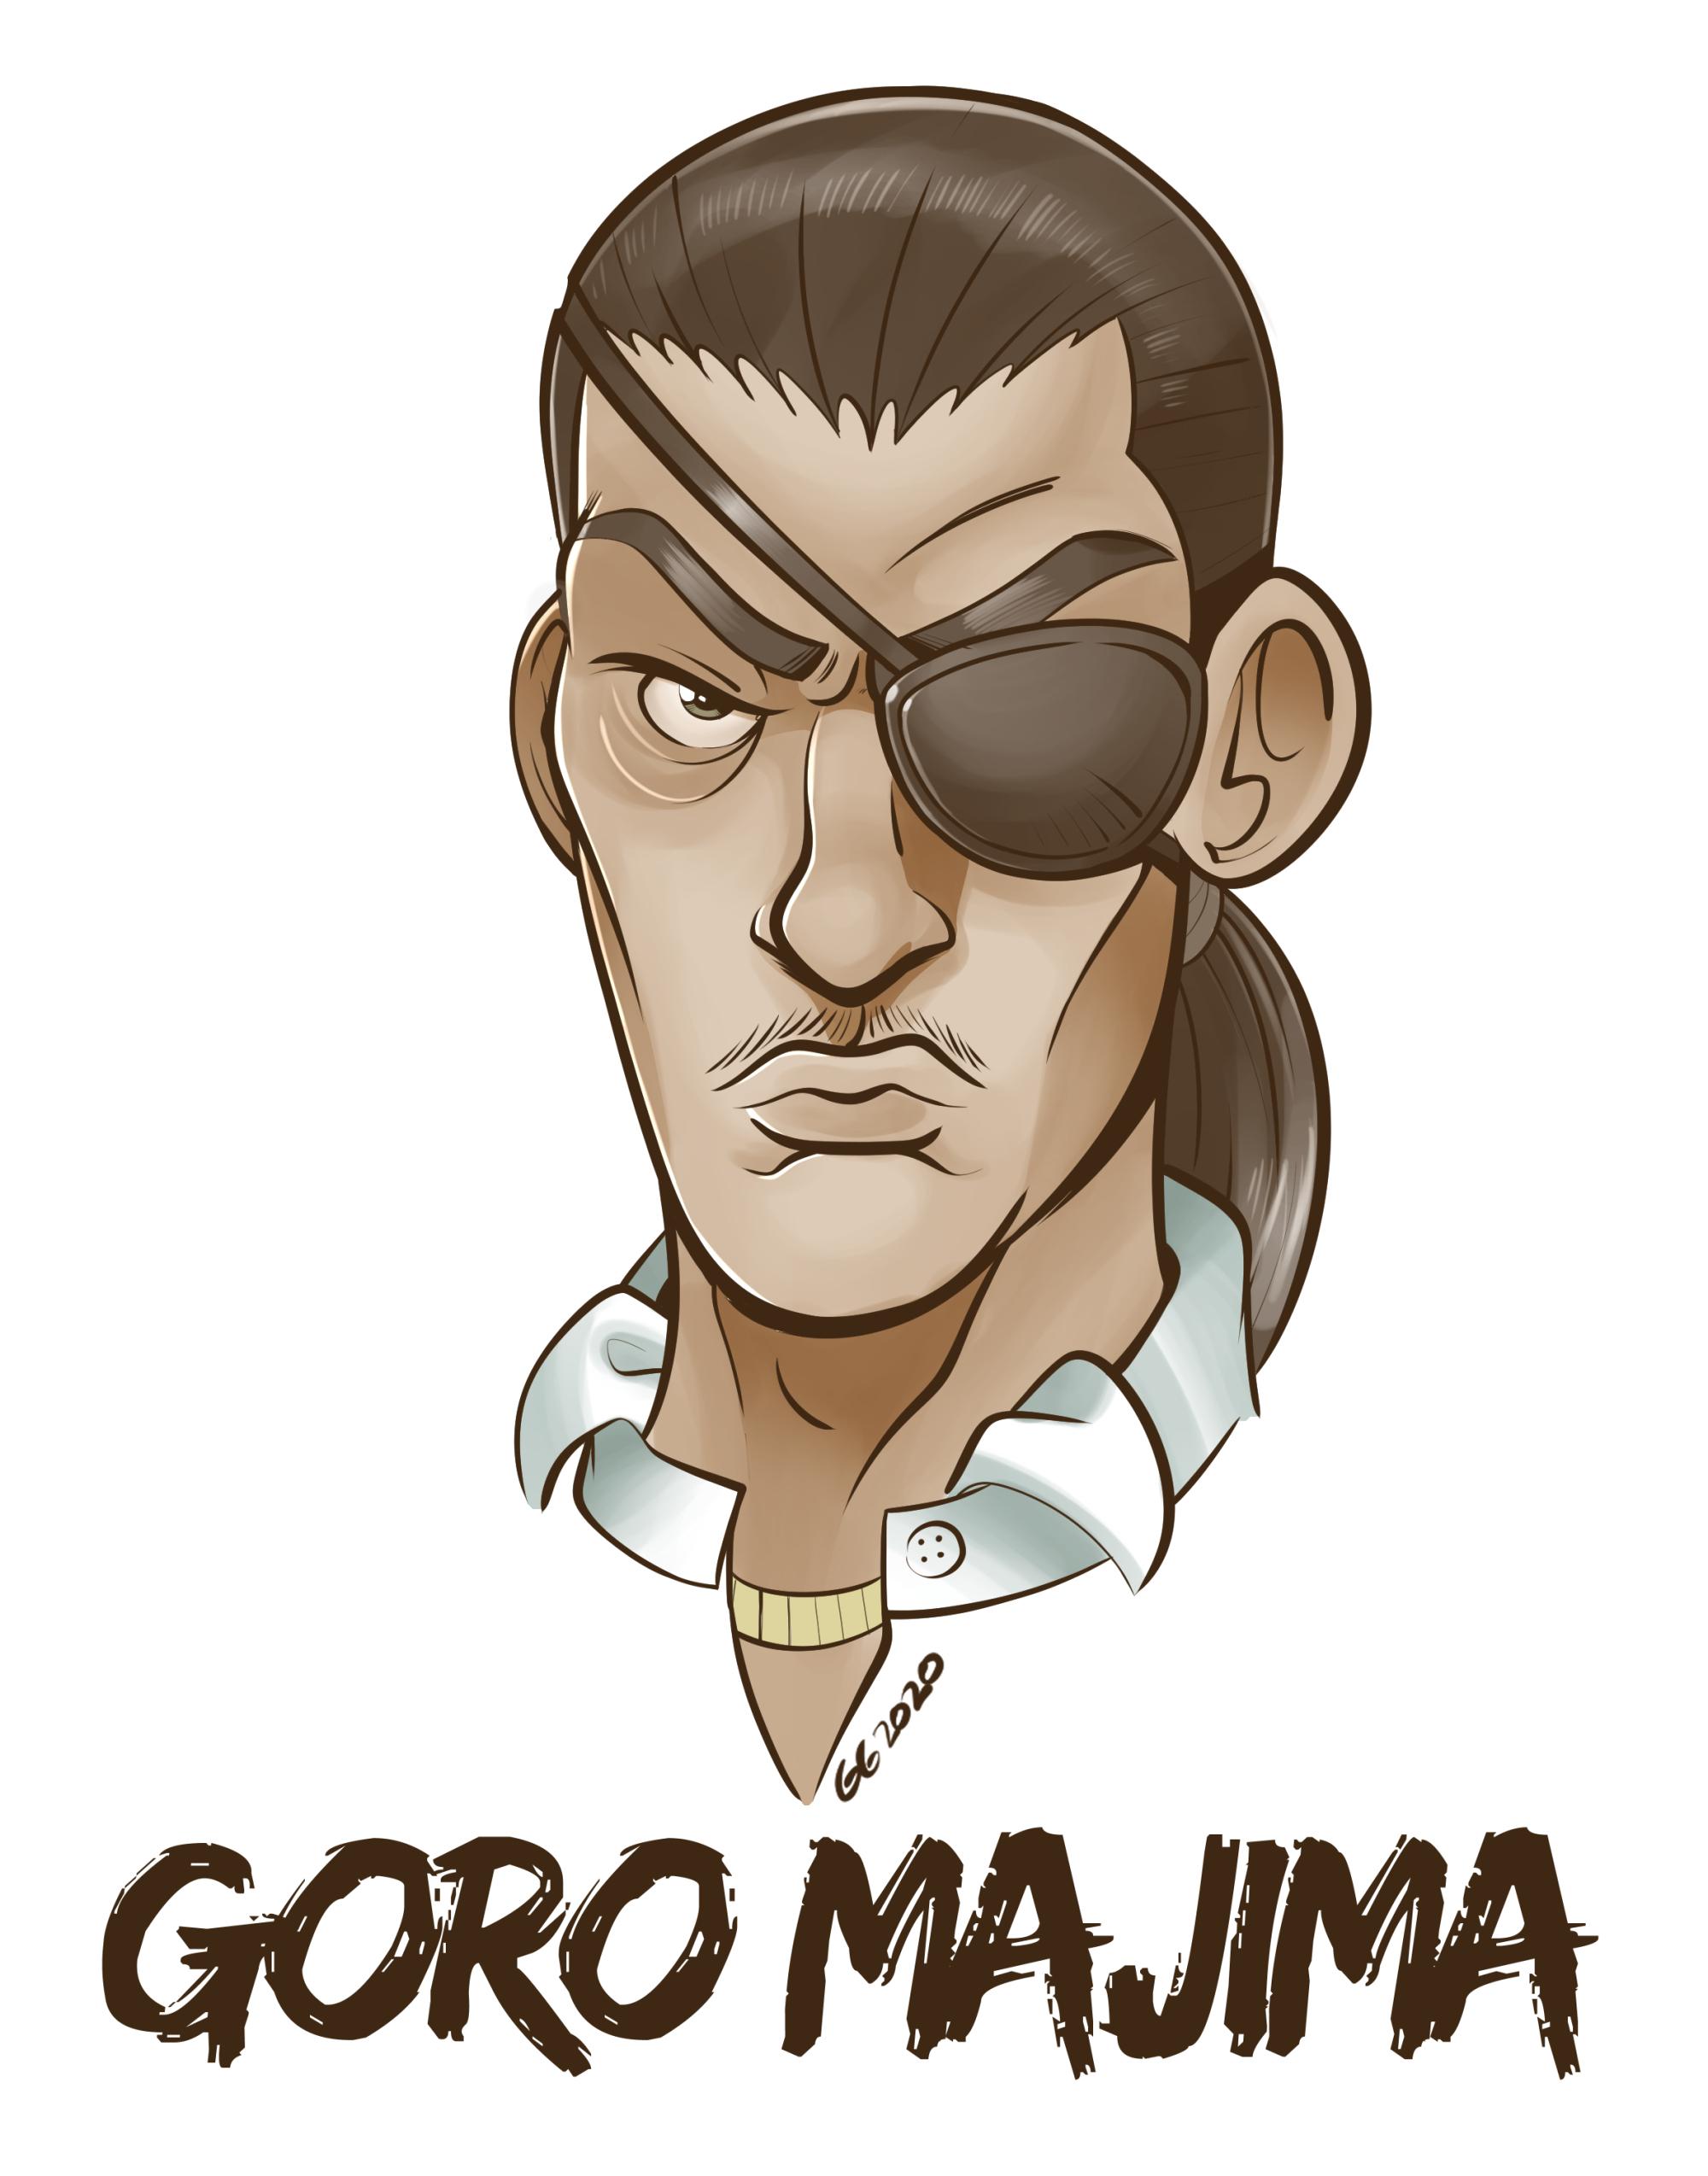 Majima